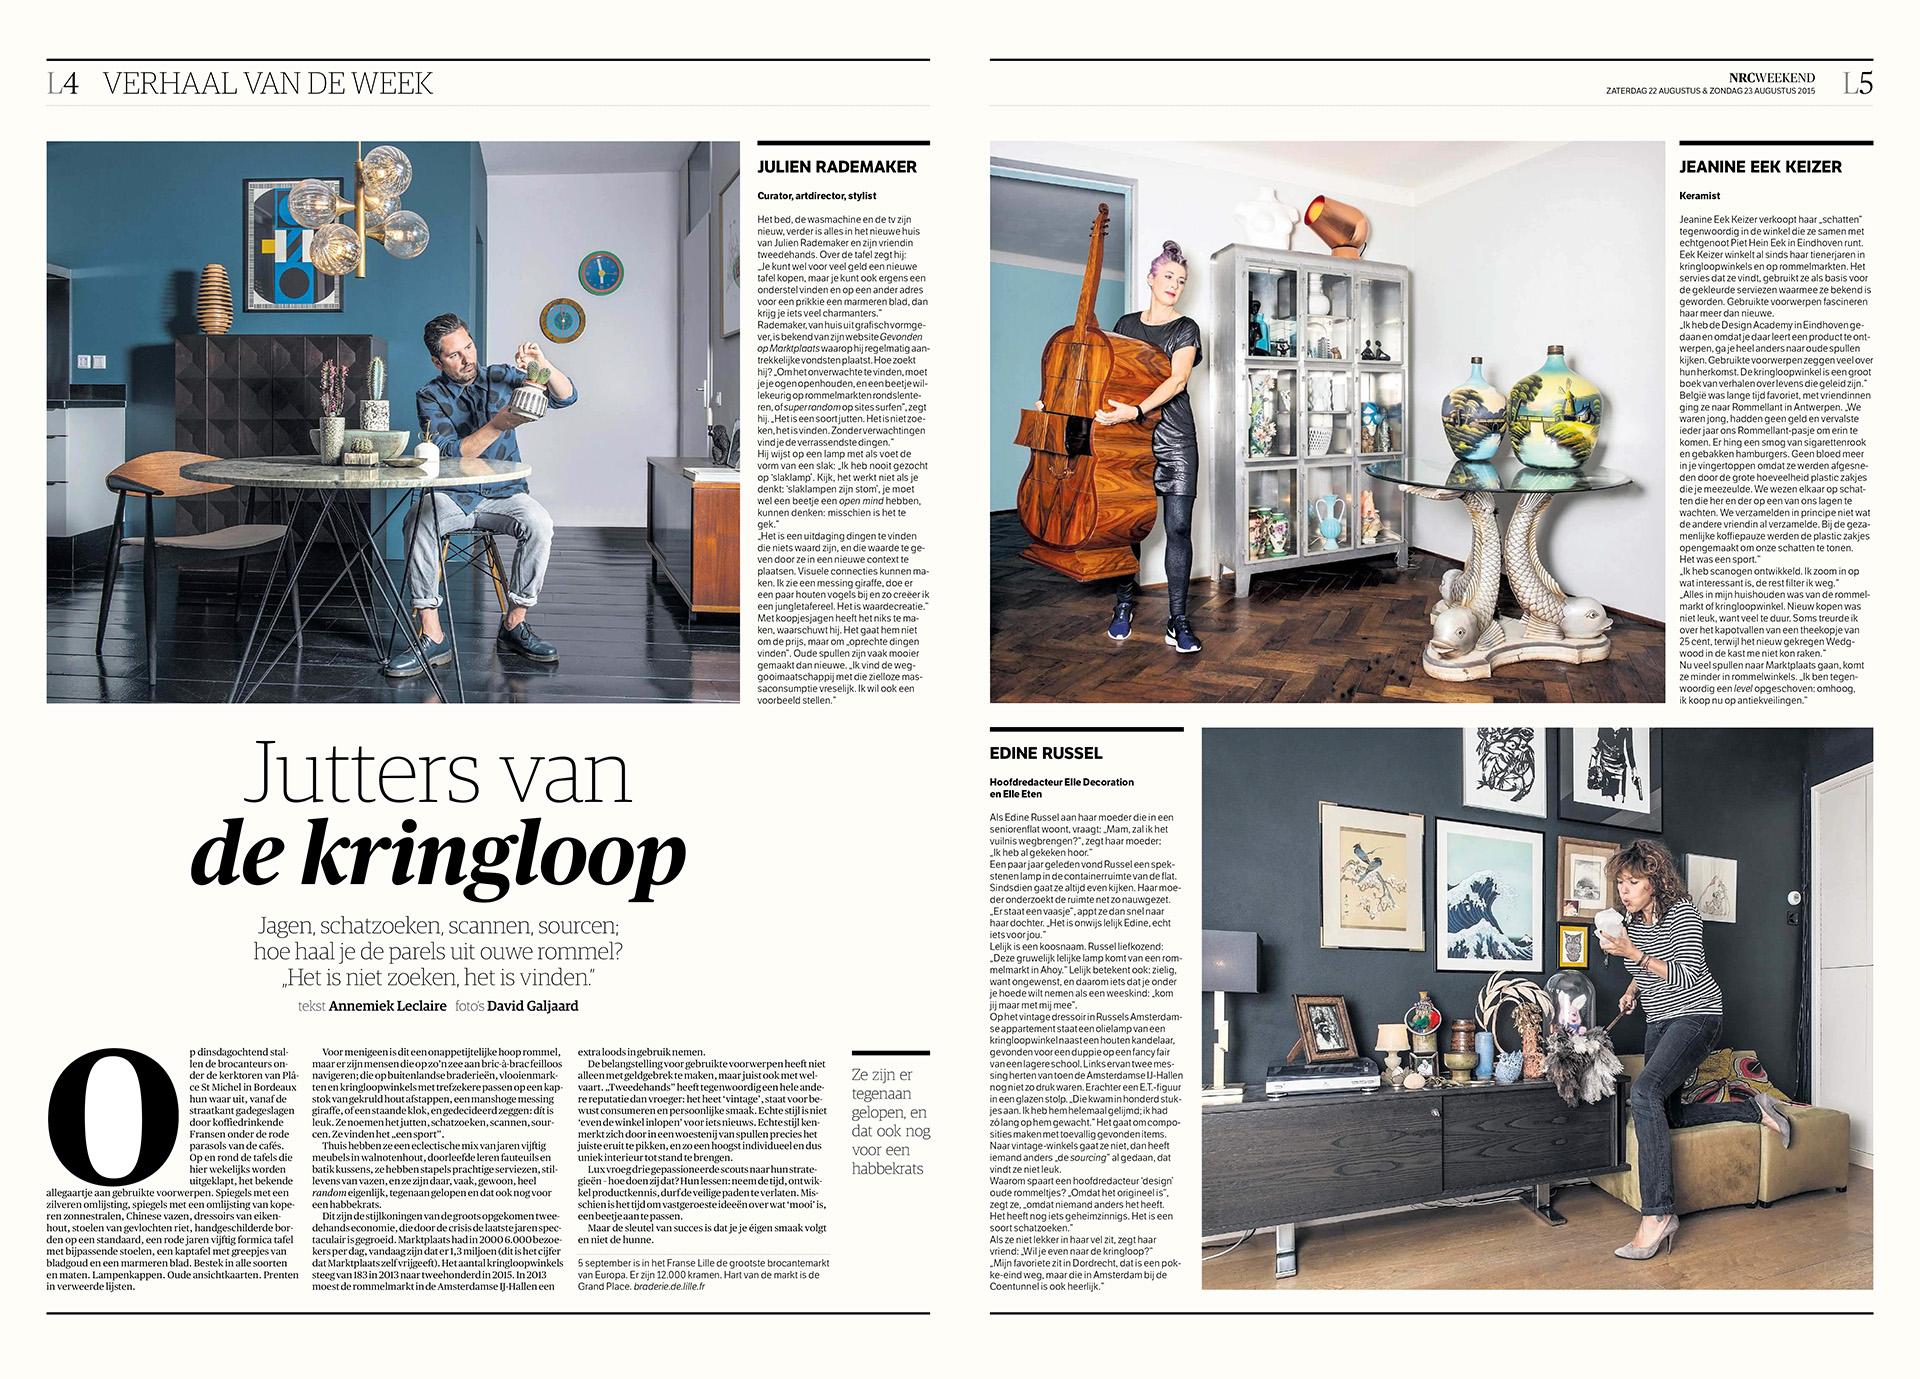 NRC Handelsblad - Kringloop jutters - 2015 - David Galjaard